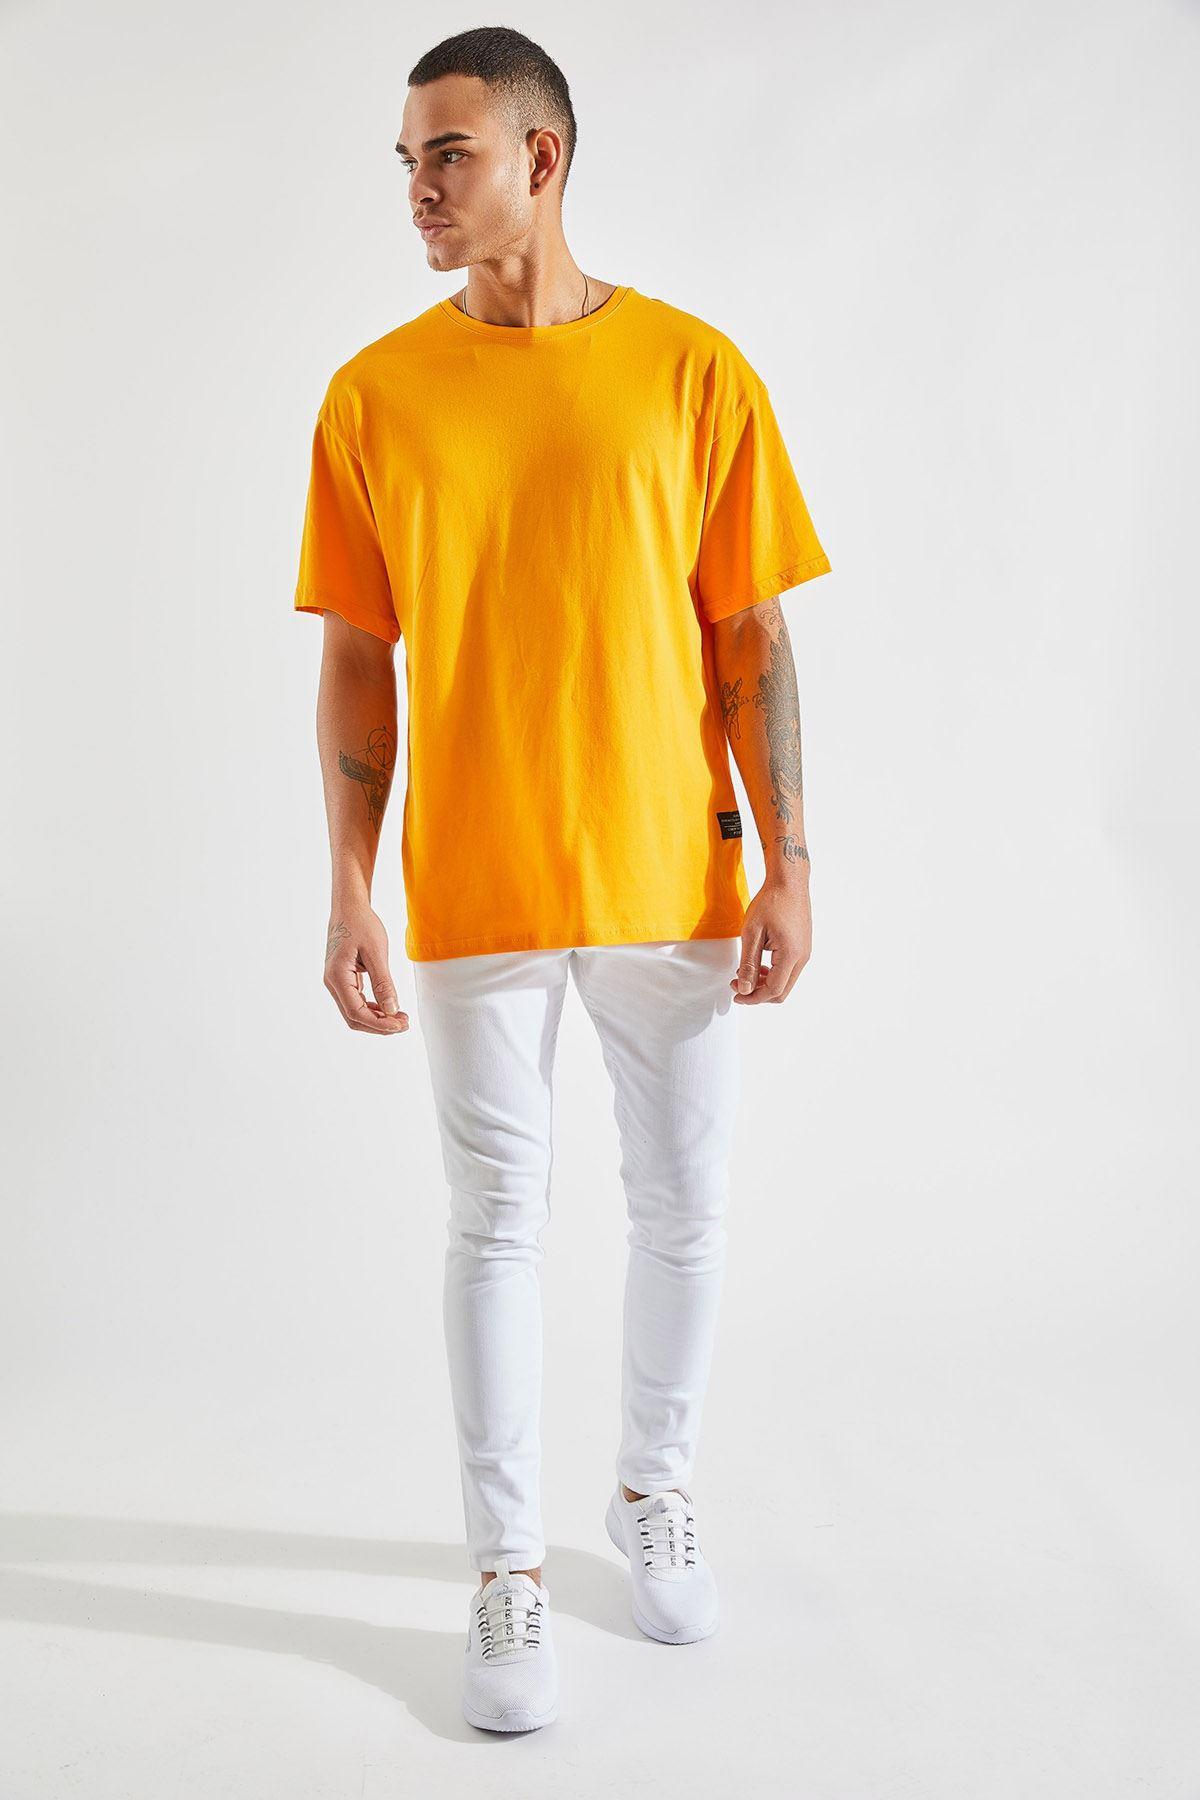 Erkek Oversize Hardal Tişört